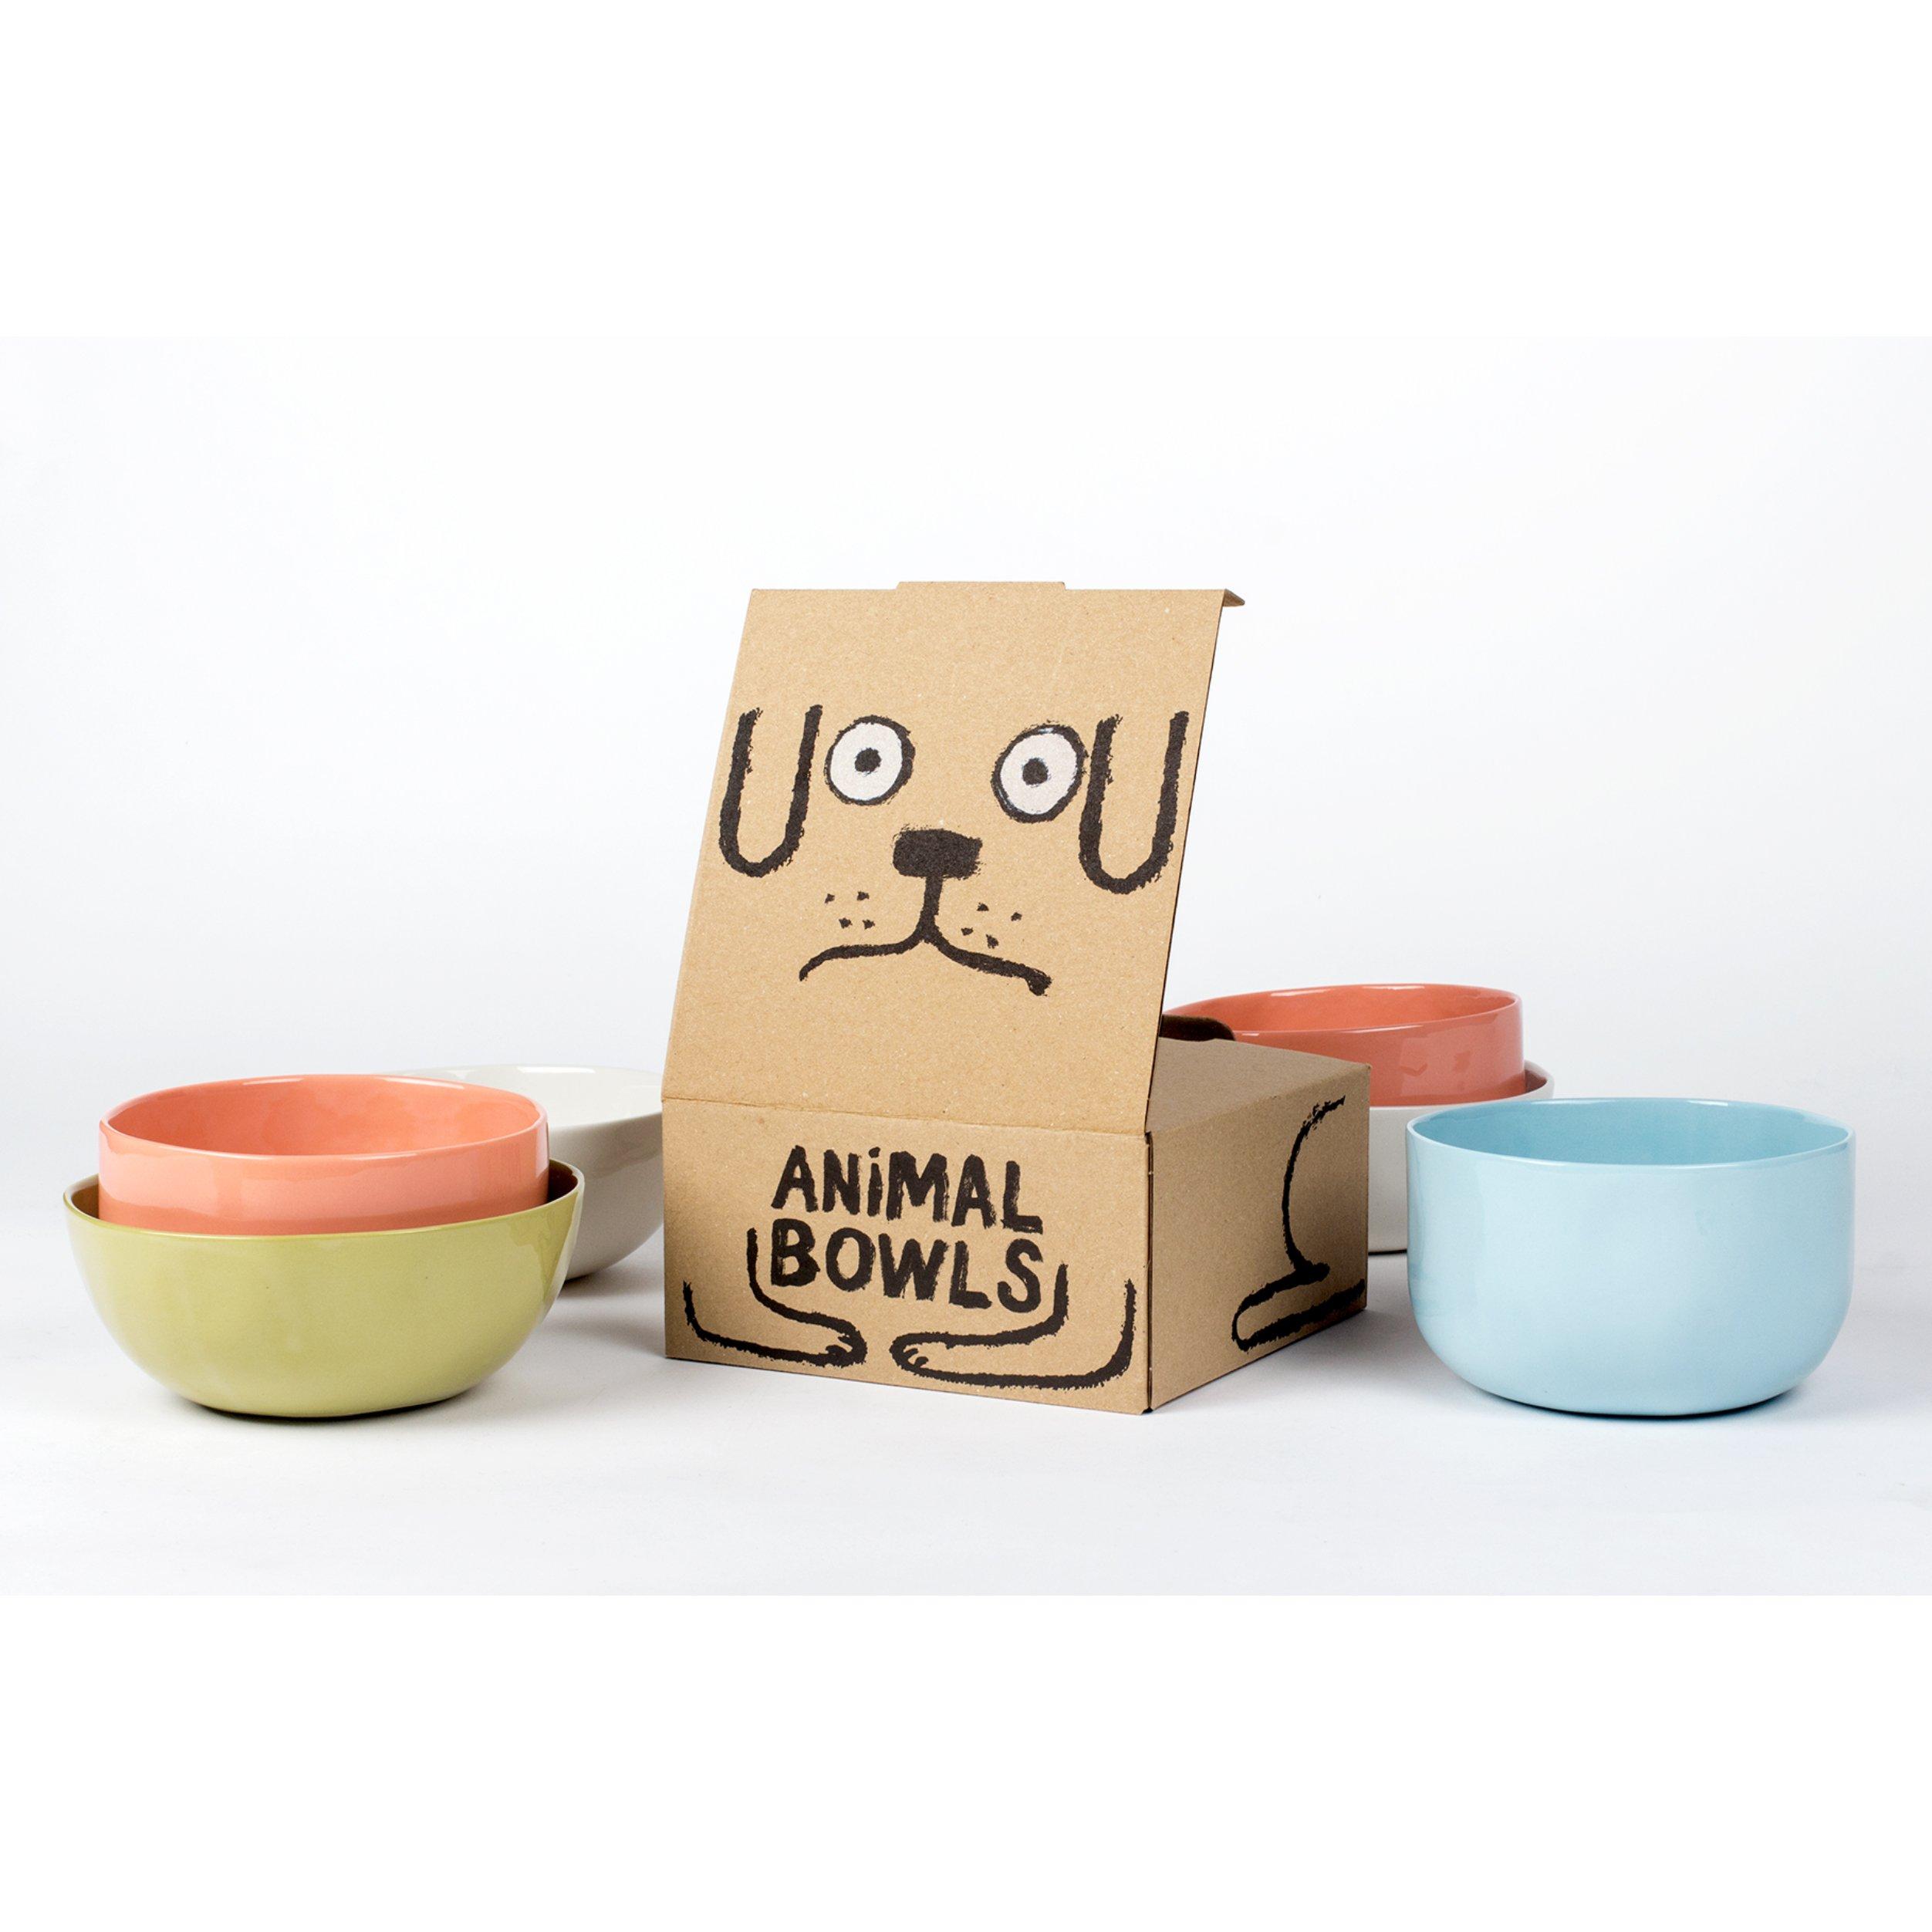 像貓咪一般優雅的吃吧。 來自JEAN JULLIEN X CASE STUDYO的創作: ANIMAL BOWLS